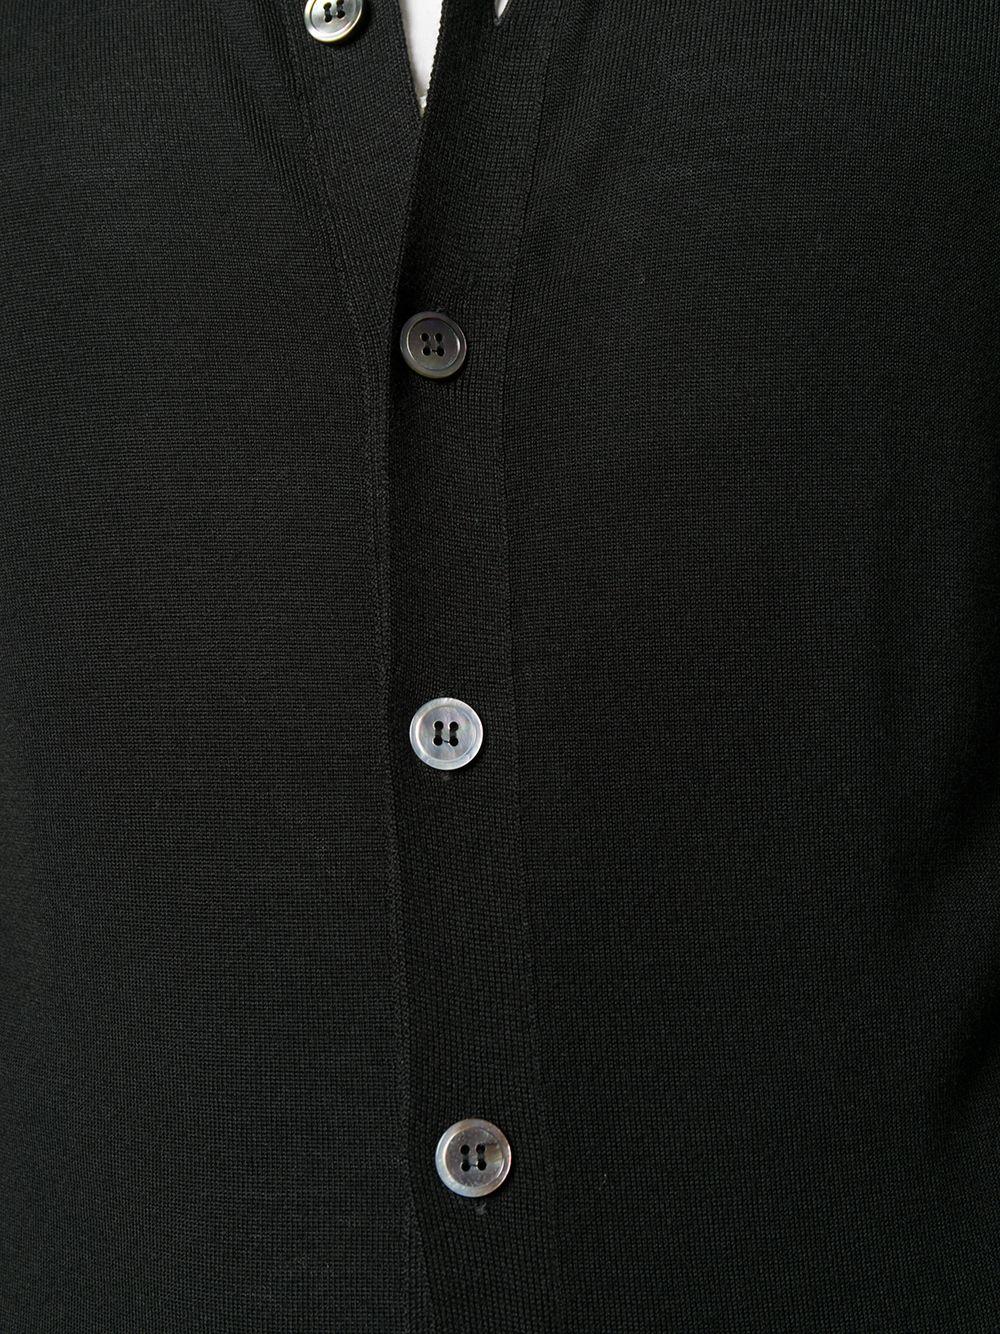 Dell'oglio   Dell'oglio кардиган с воротником-воронкой   Clouty